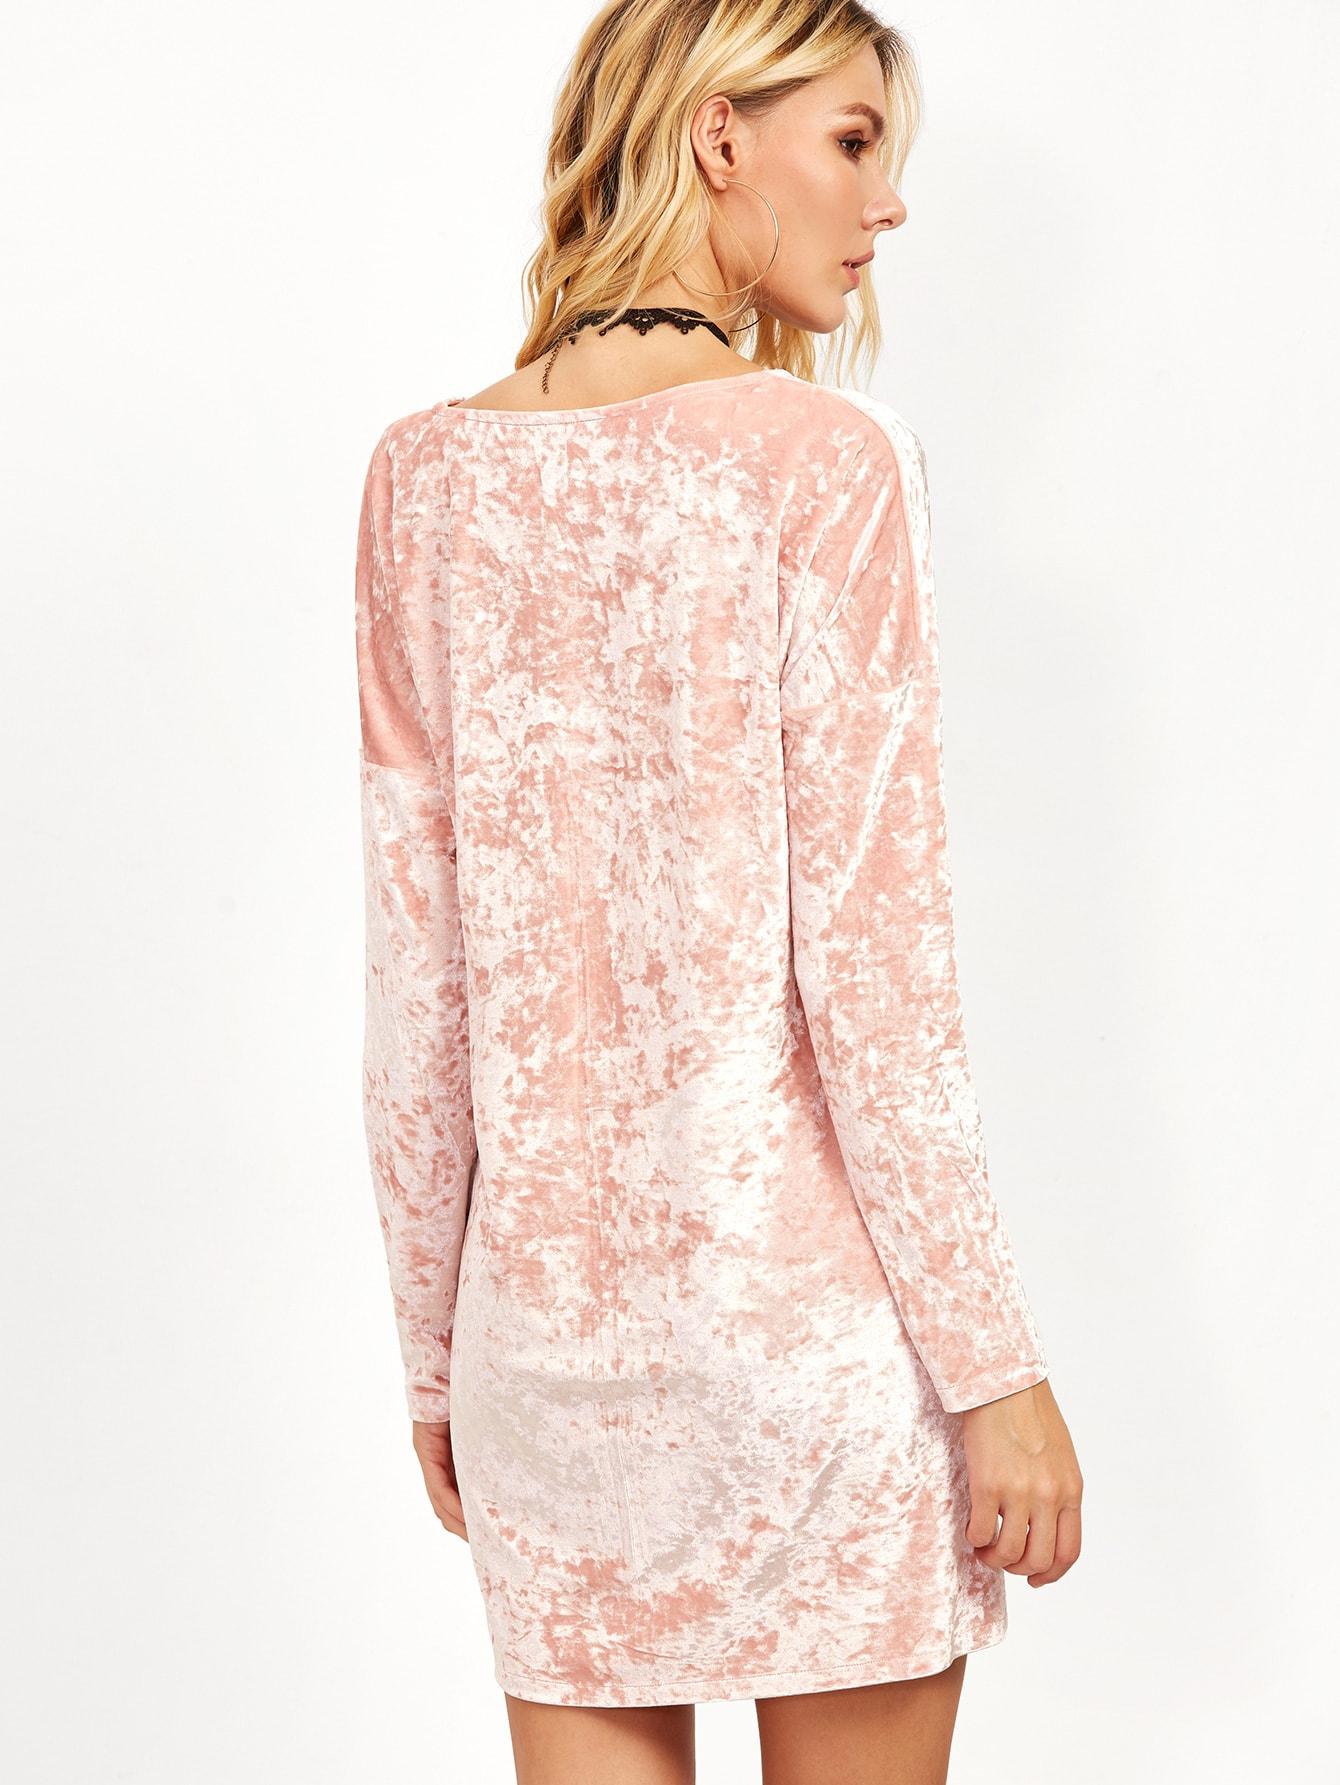 dress161005403_2